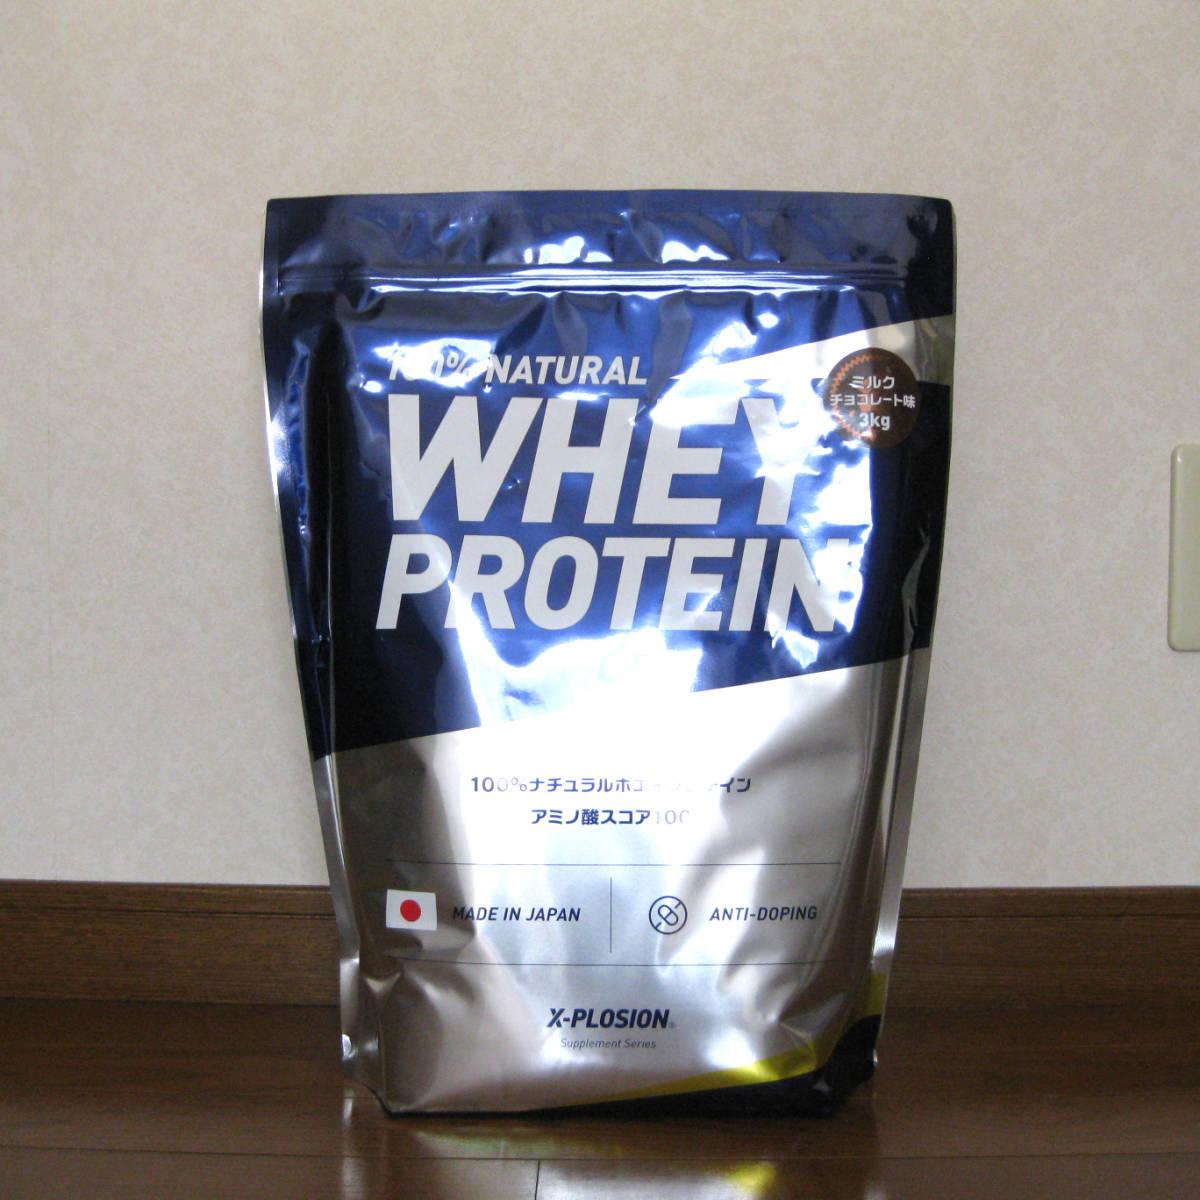 未開封 ■ X-PLOSION ミルクチョコレート味 3kg ホエイプロテイン WPC アミノ酸スコア100 / エクスプロージョン_画像1